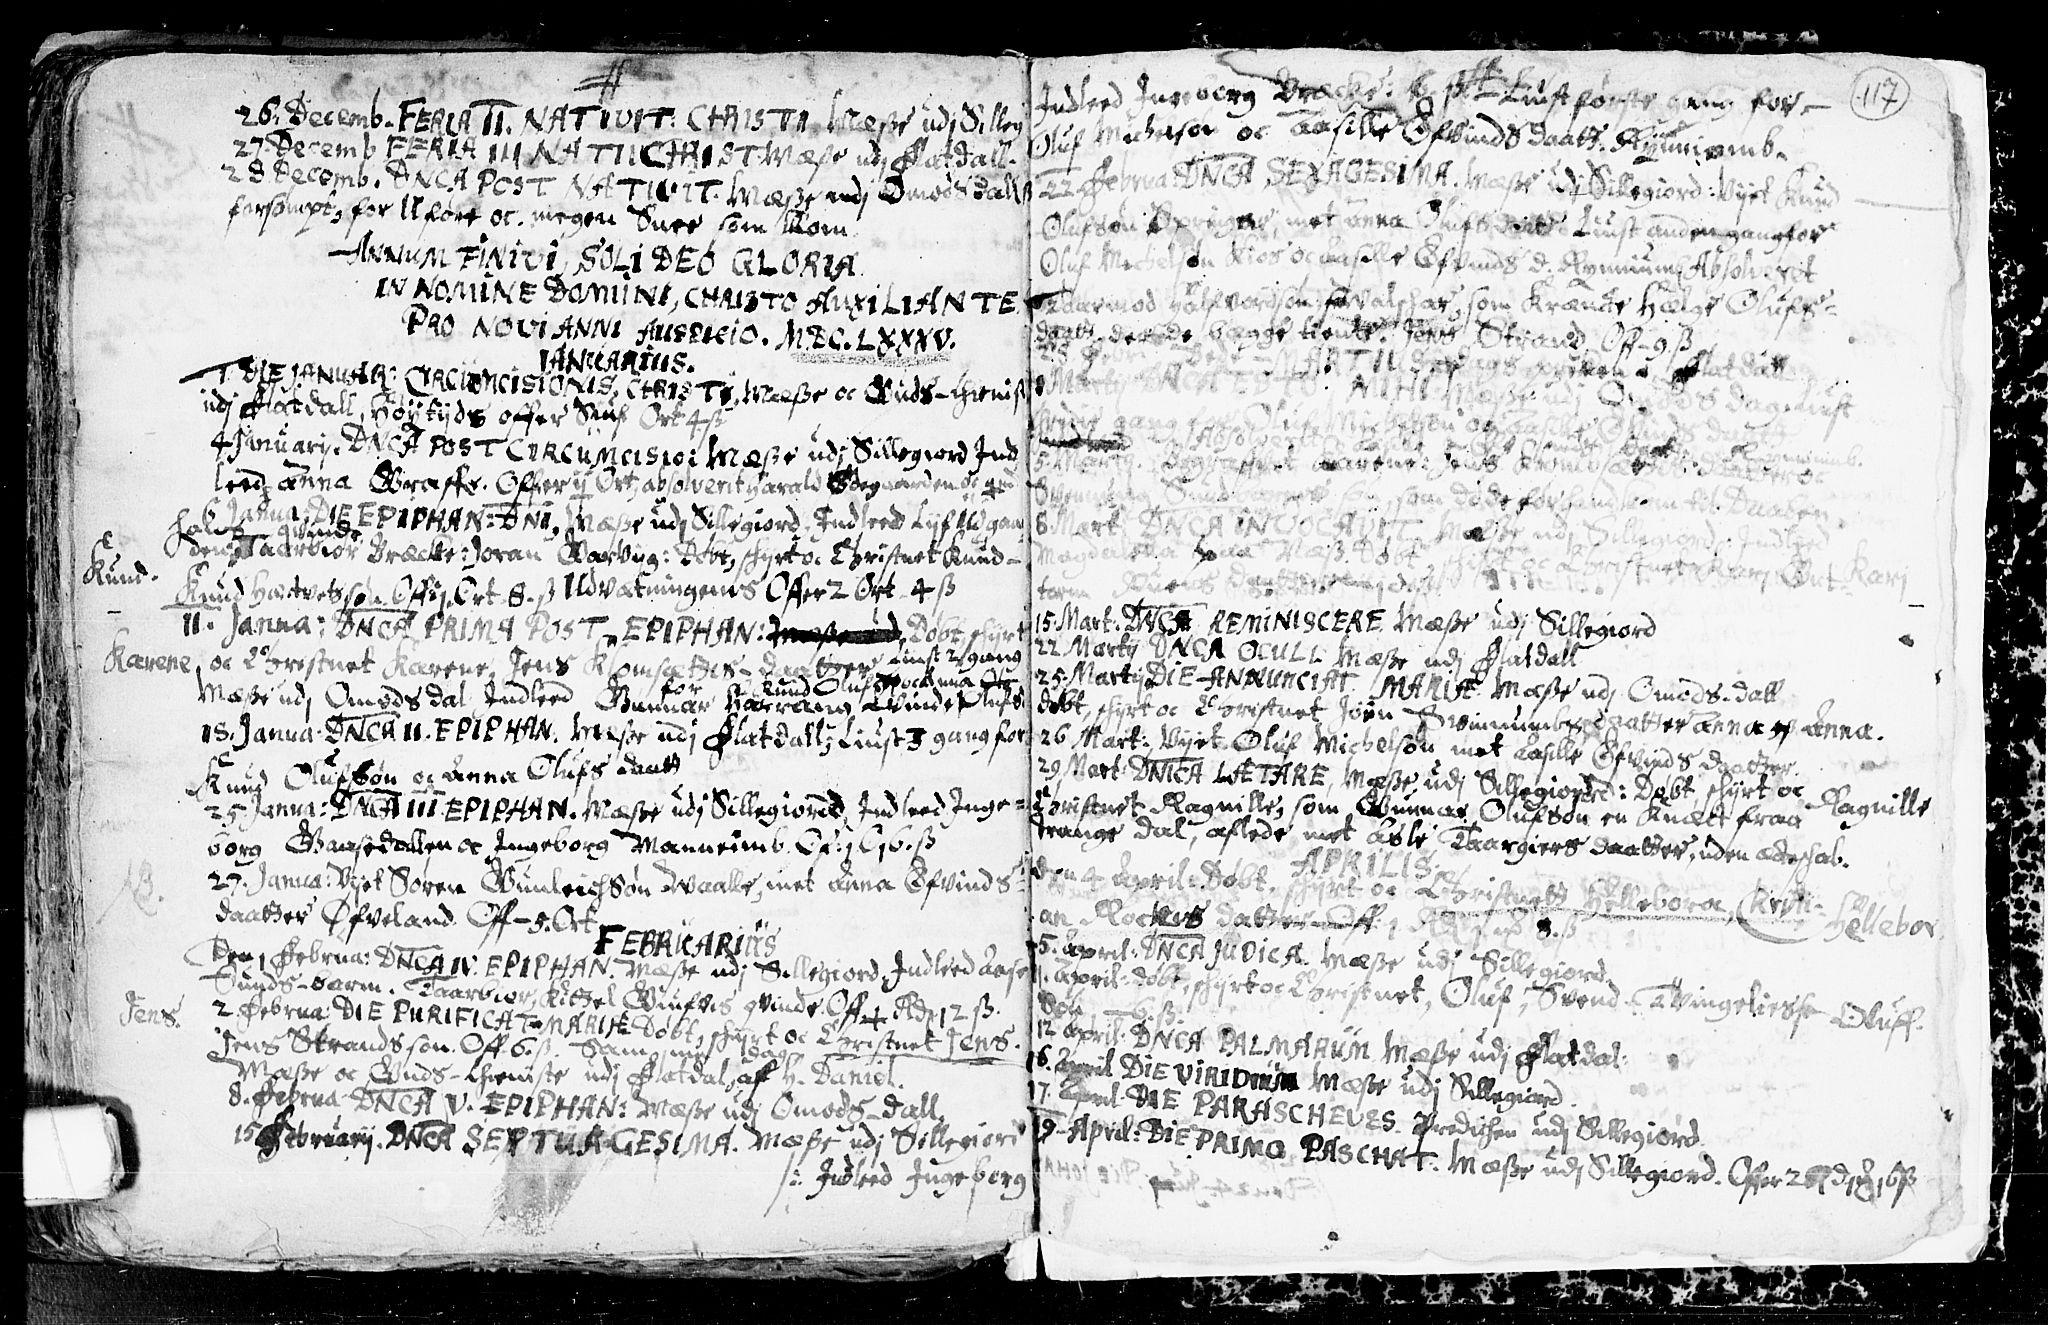 SAKO, Seljord kirkebøker, F/Fa/L0001: Ministerialbok nr. I 1, 1654-1686, s. 117